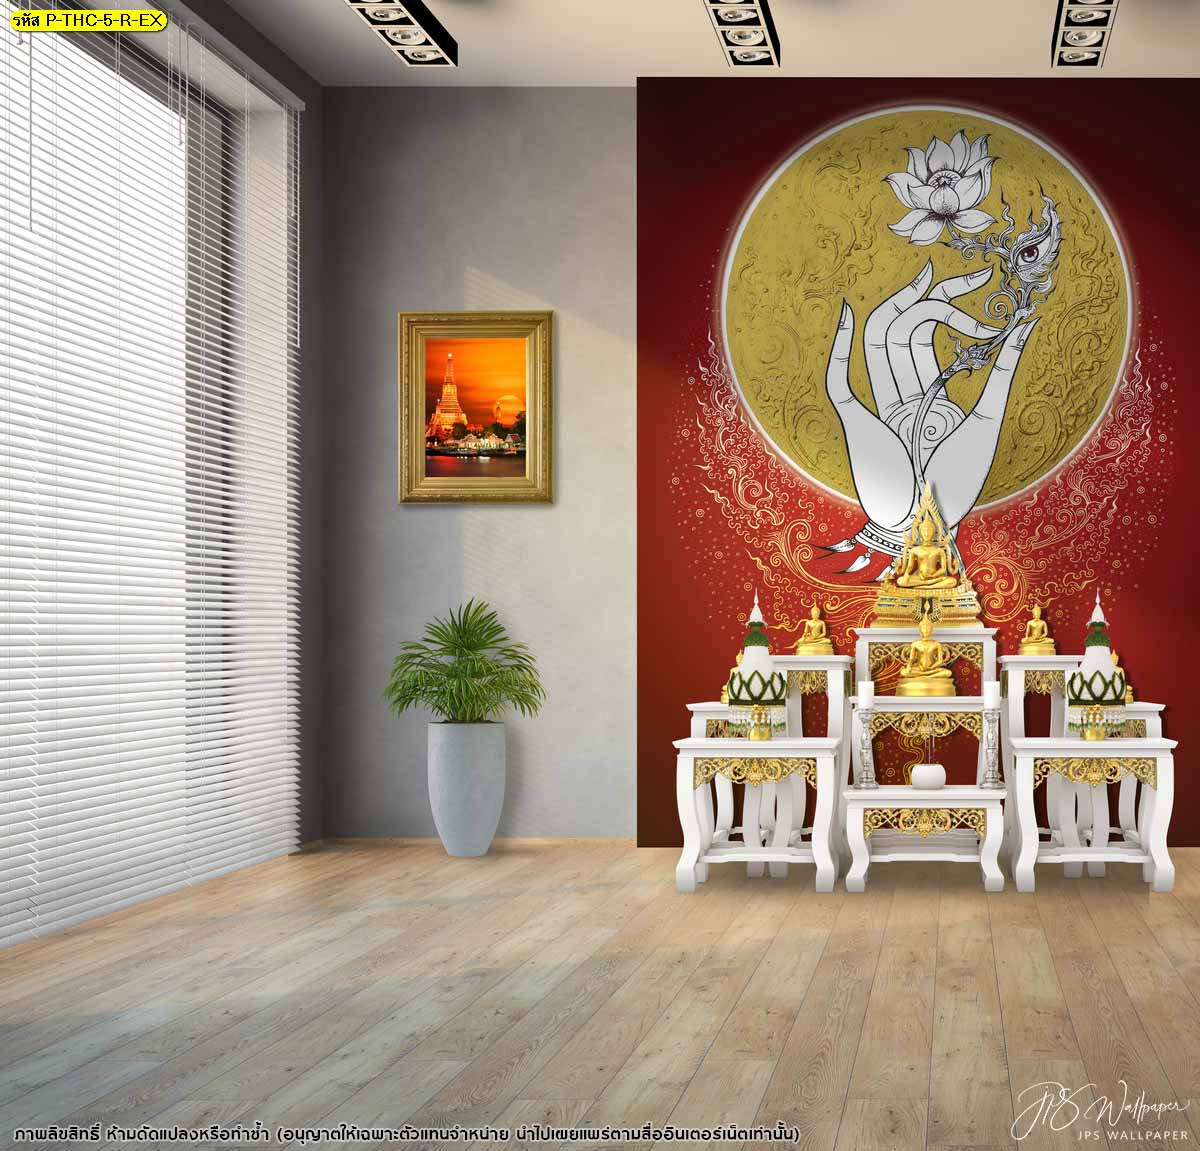 ไอเดียแต่งห้องพระดอกบัว แบบห้องพระสีแดง ภาพสั่งพิมพ์ติดผนัง